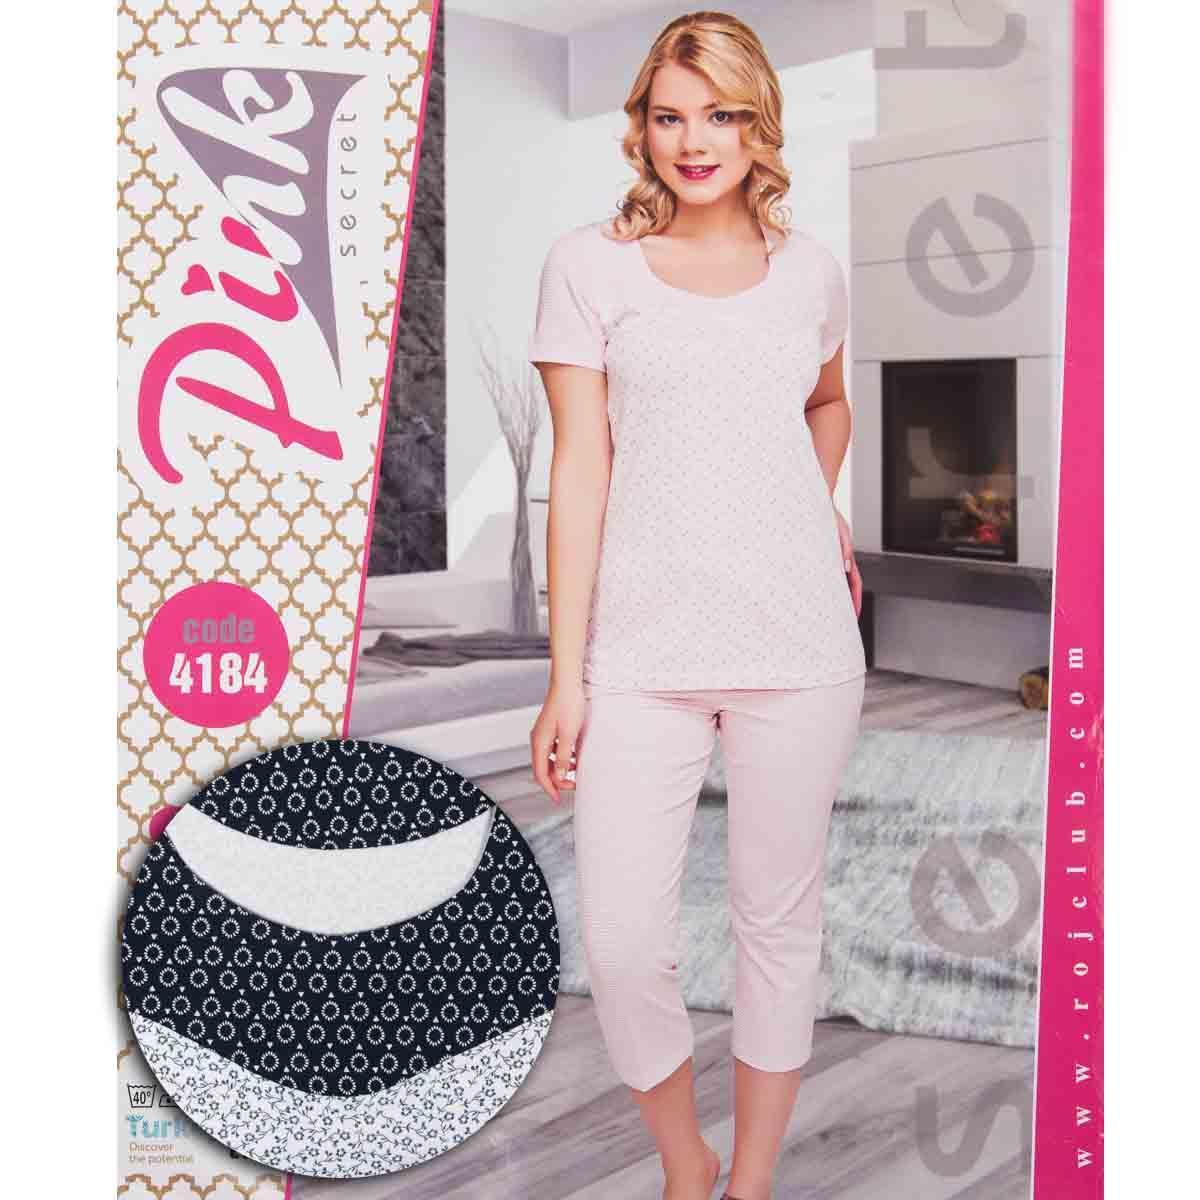 Комплект женский узорный (футболка и бриджи) Pink Secret Турция PK4184L-grey